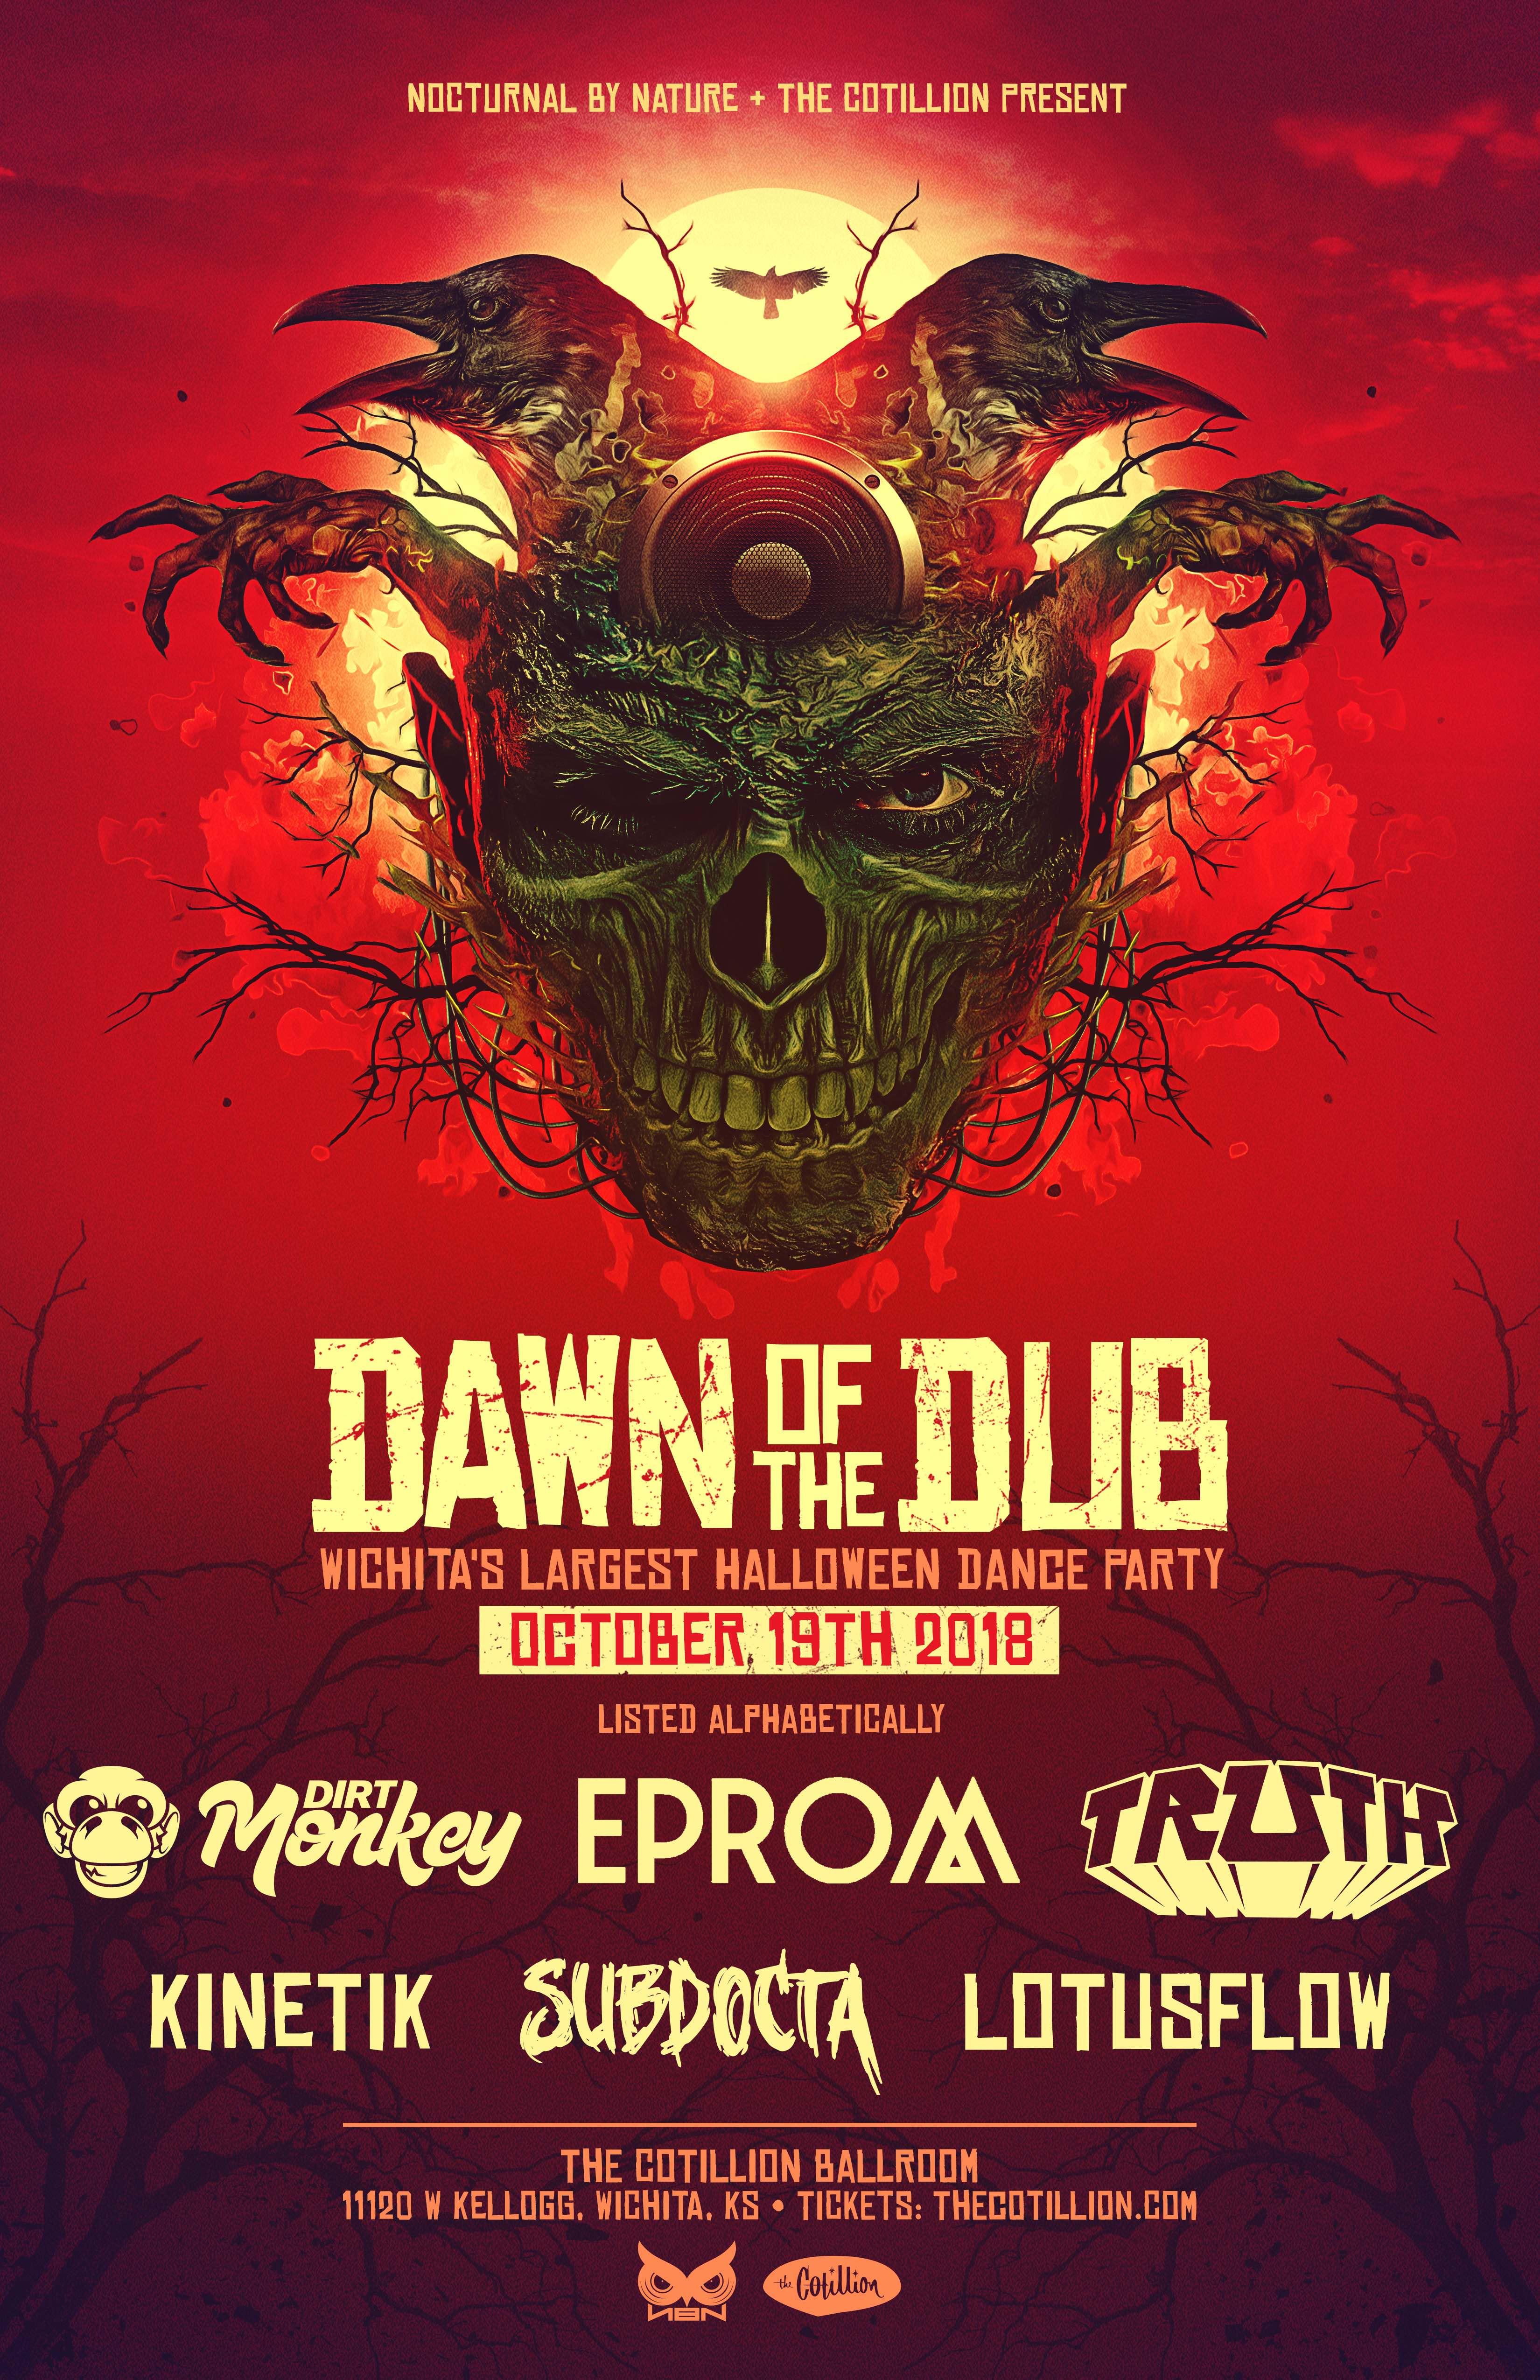 dawn of the dub 9 wdirt monkey truth eprom